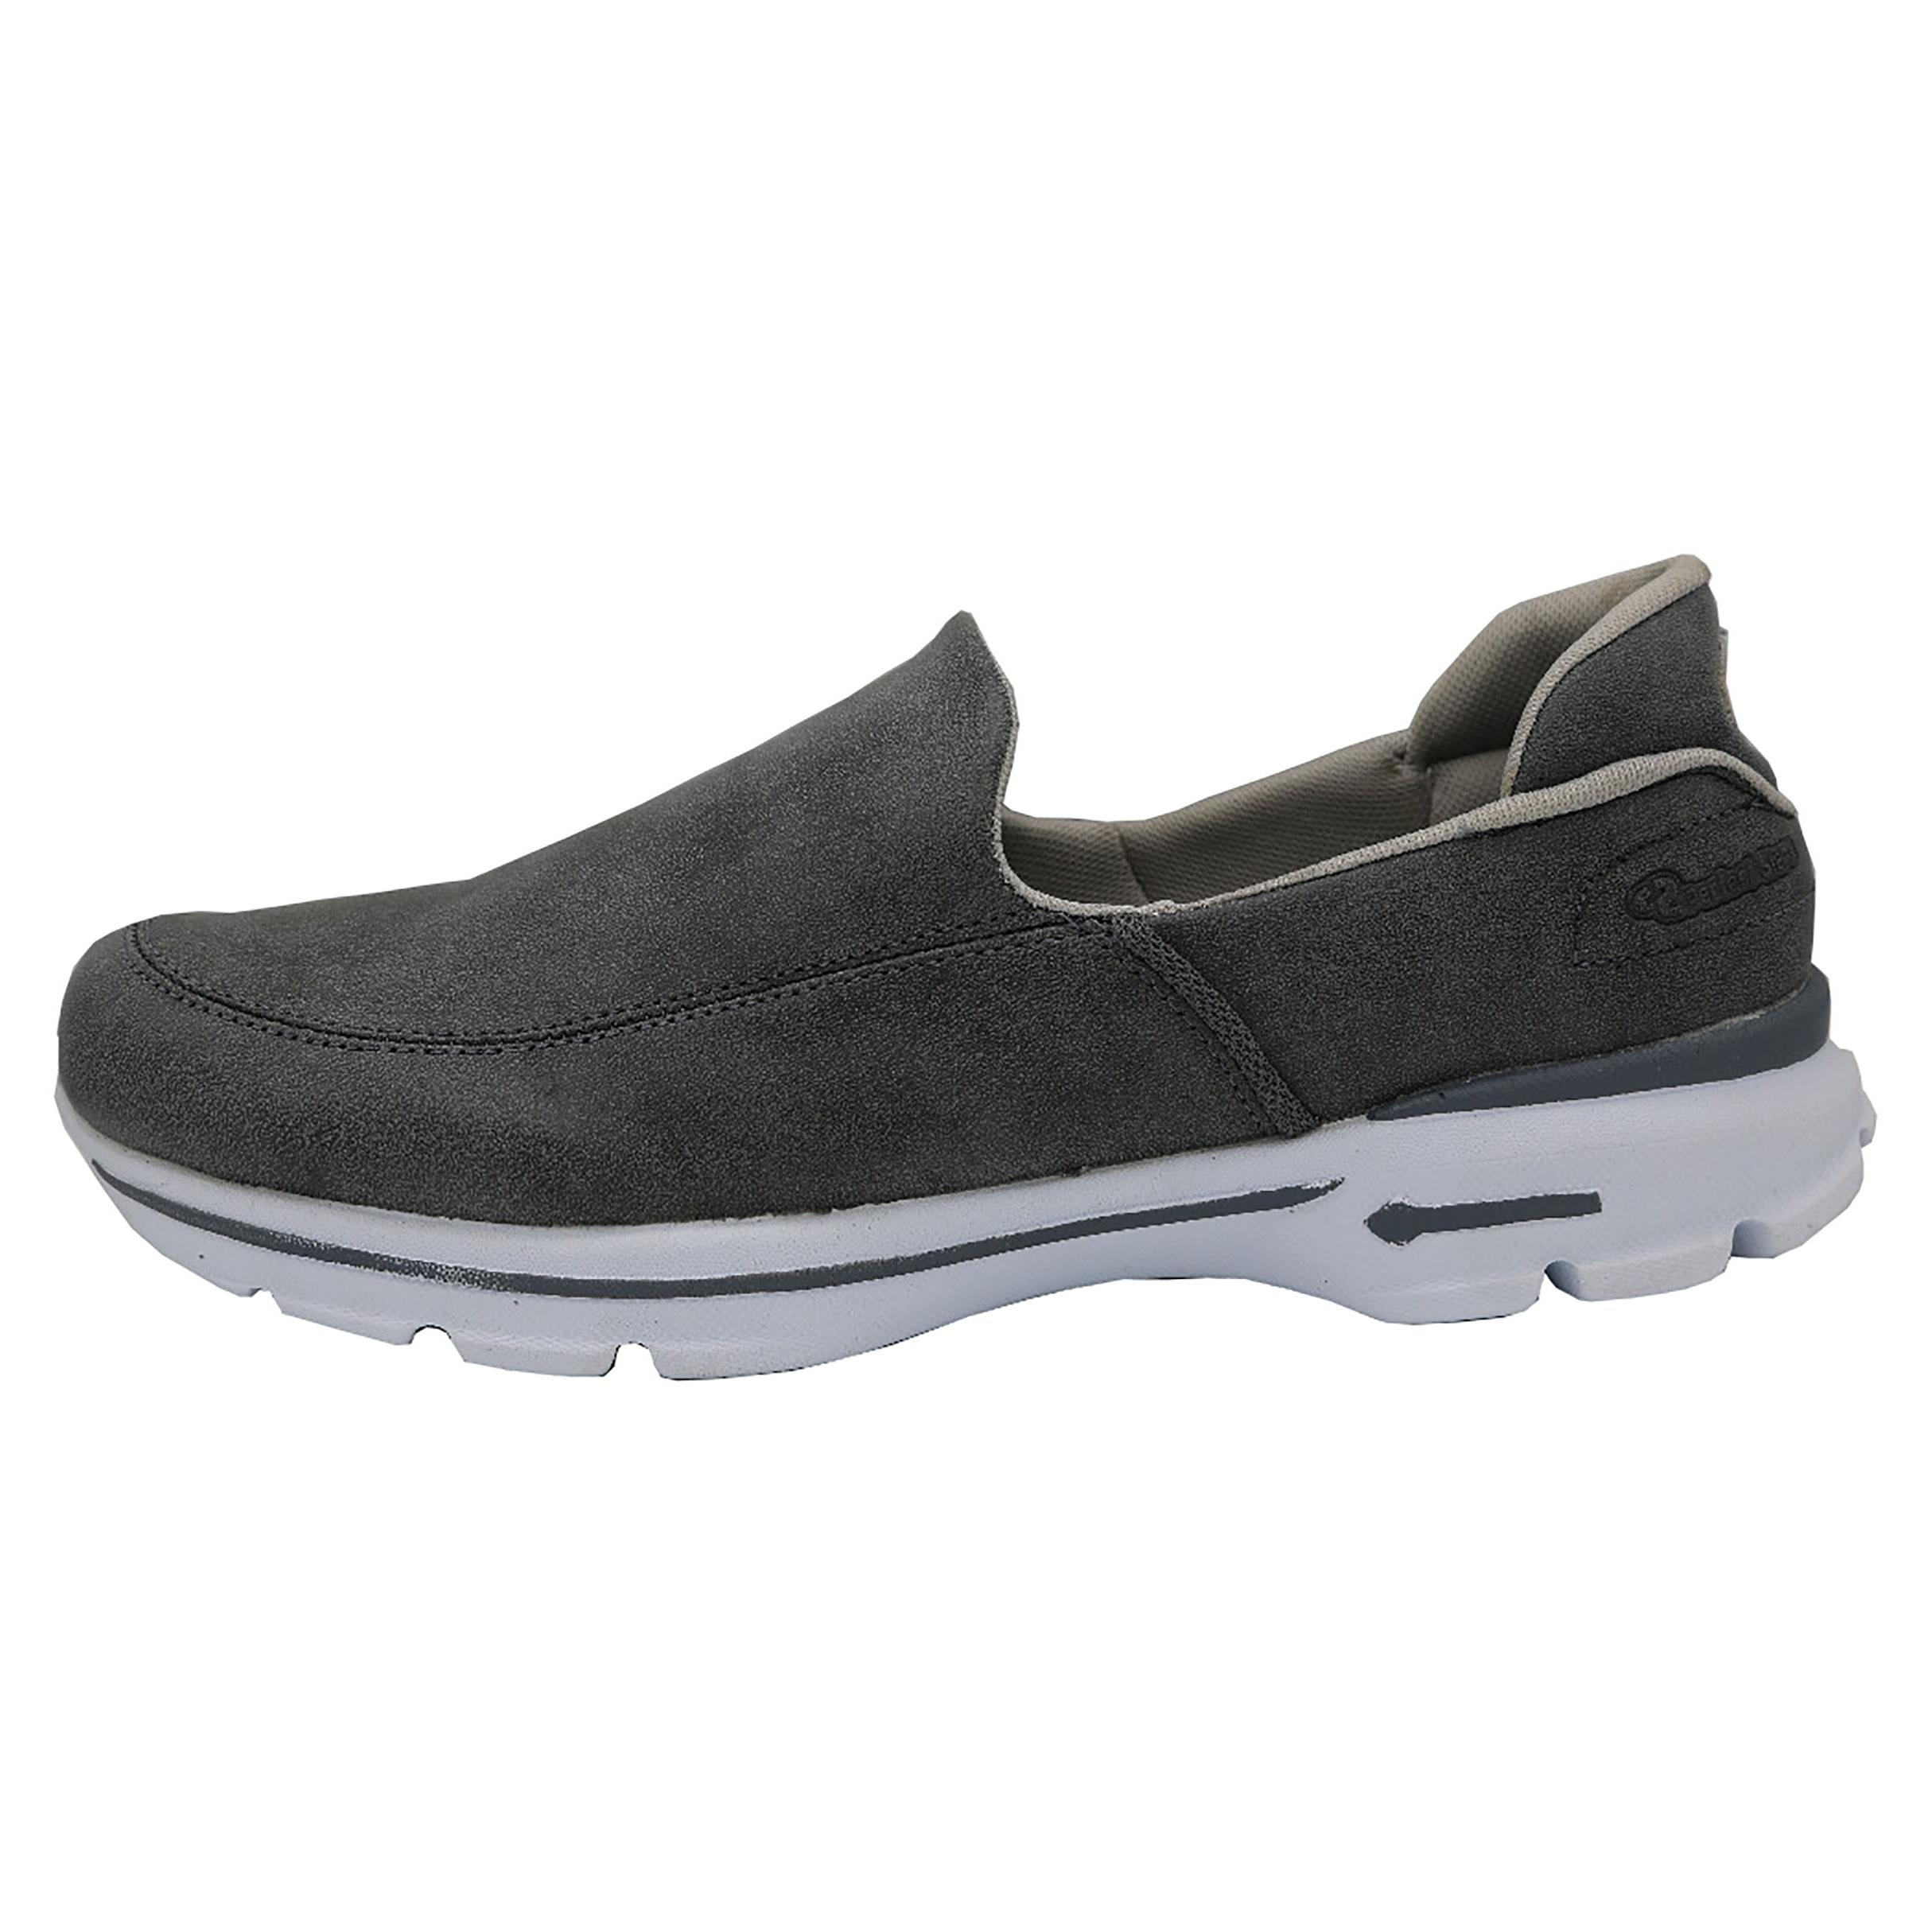 کفش مخصوص پیاده روی زنانه پرفکت استپس مدل الگانت کد 1760